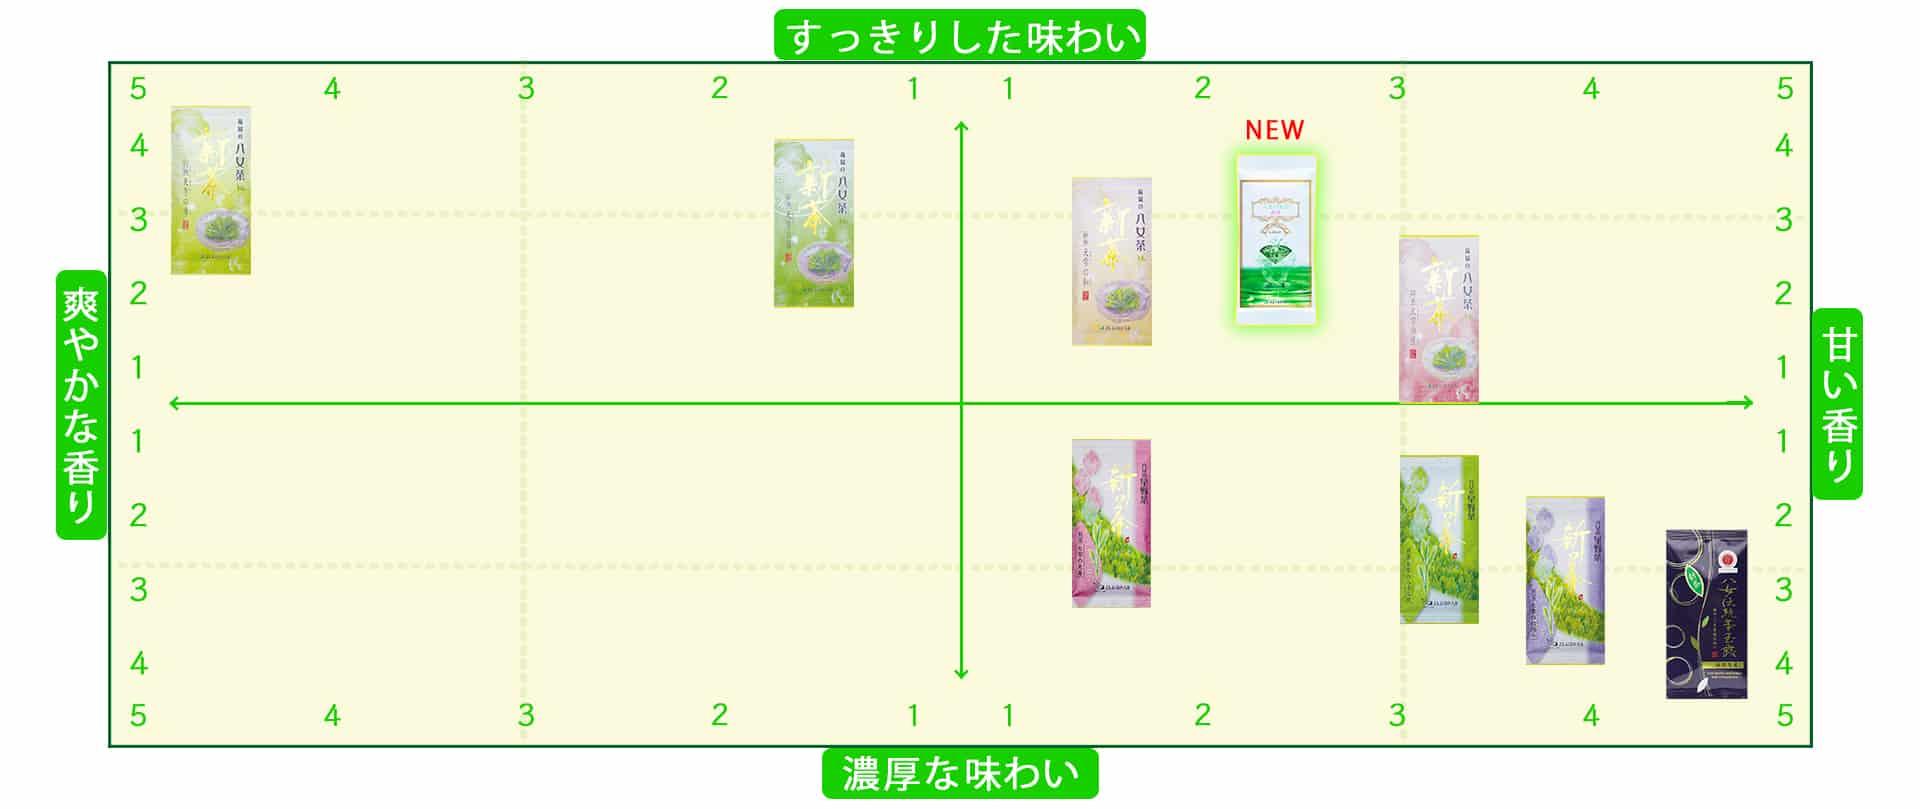 2021 new tea yame hosino cha greentea japanesetea gyokuro sencha 新茶 八女茶 星野茶